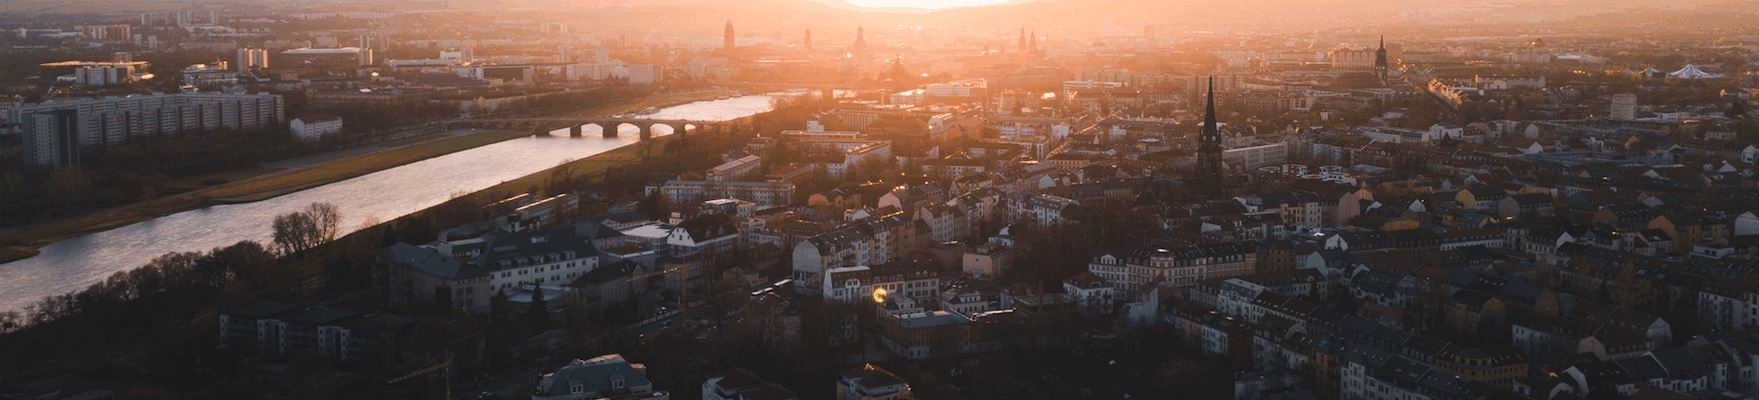 Lustige Stadtrundfahrt in sächischer Mundart Dresden 26.10.